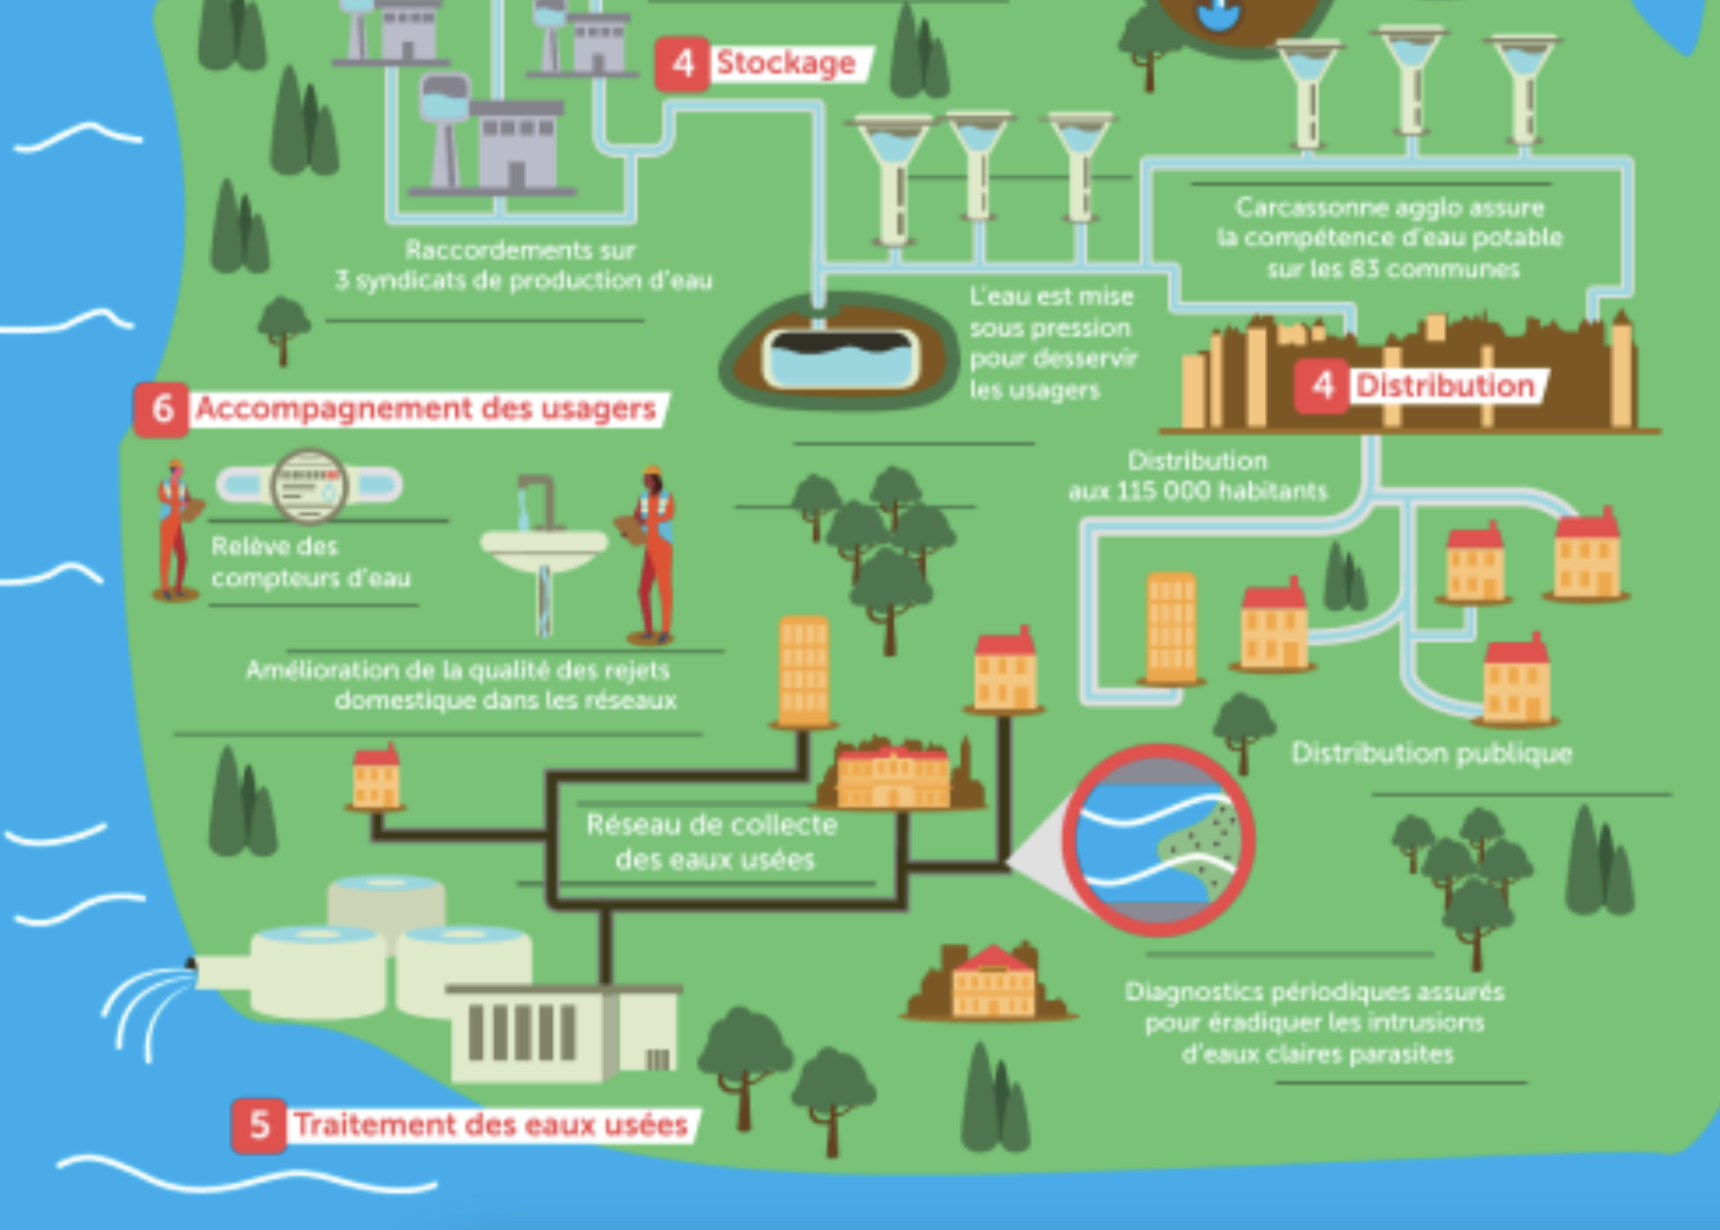 La gestion de l'eau : un équilibre complexe